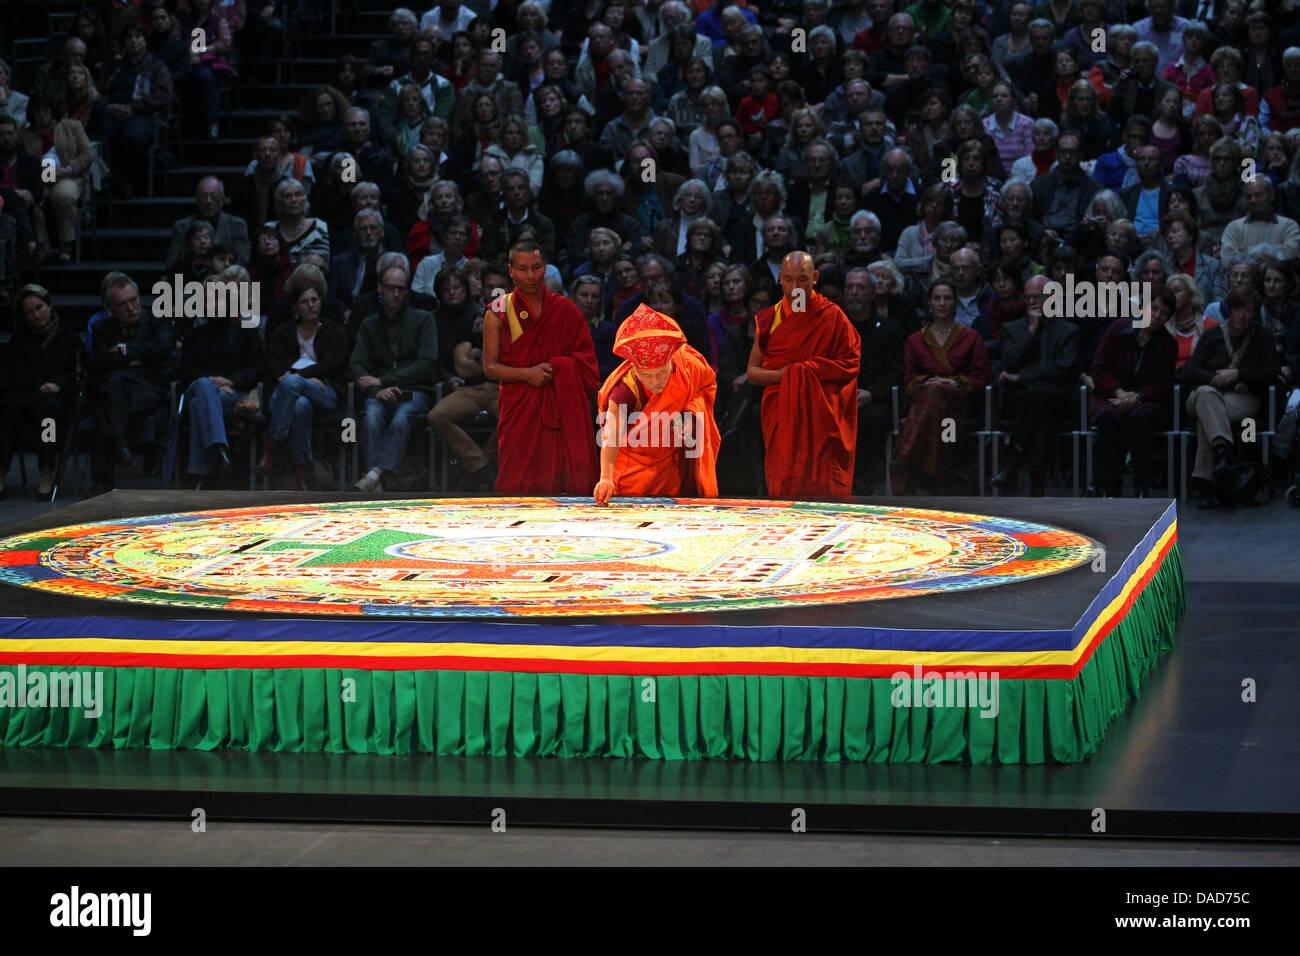 Buddhistische Mönche zerstören am Sonntag (09.10.2011) in der Bochumer Jahrhunderthalle ein Mandala. Das - Stock Image